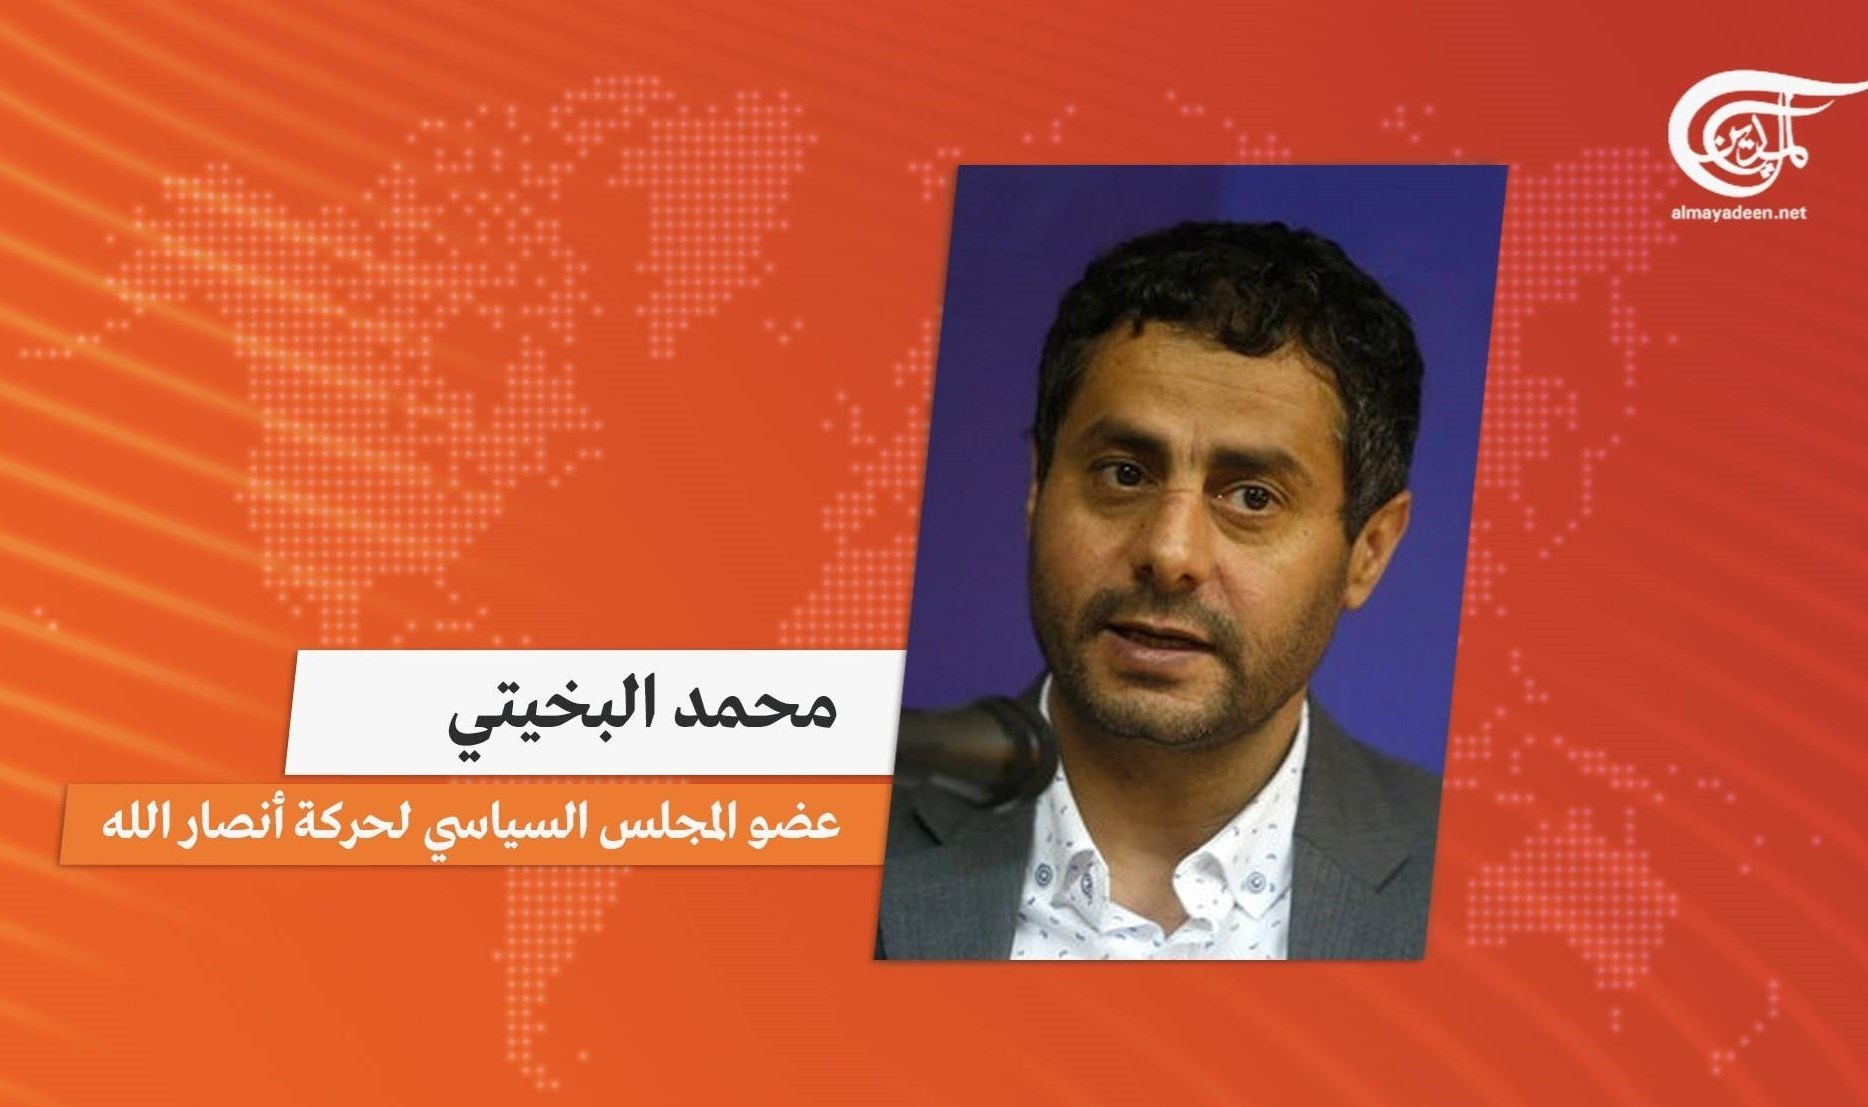 البخيتي للميادين: ستكون مرحلة جديدة من الاستهداف في العمق السعودي وبشكل تصاعدي